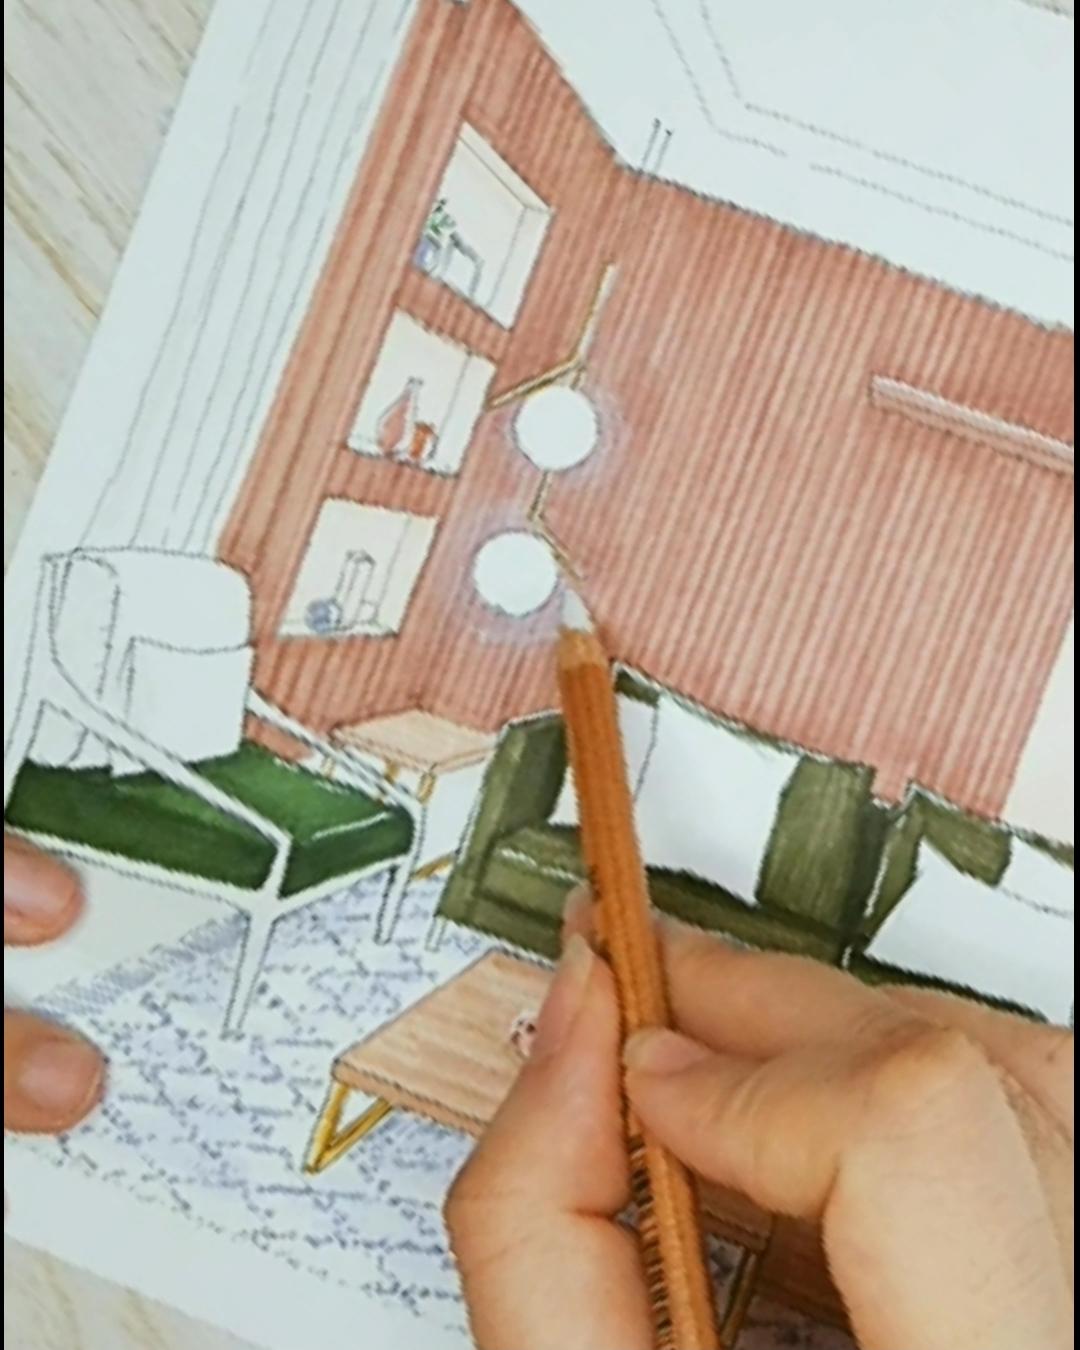 Sketch interior